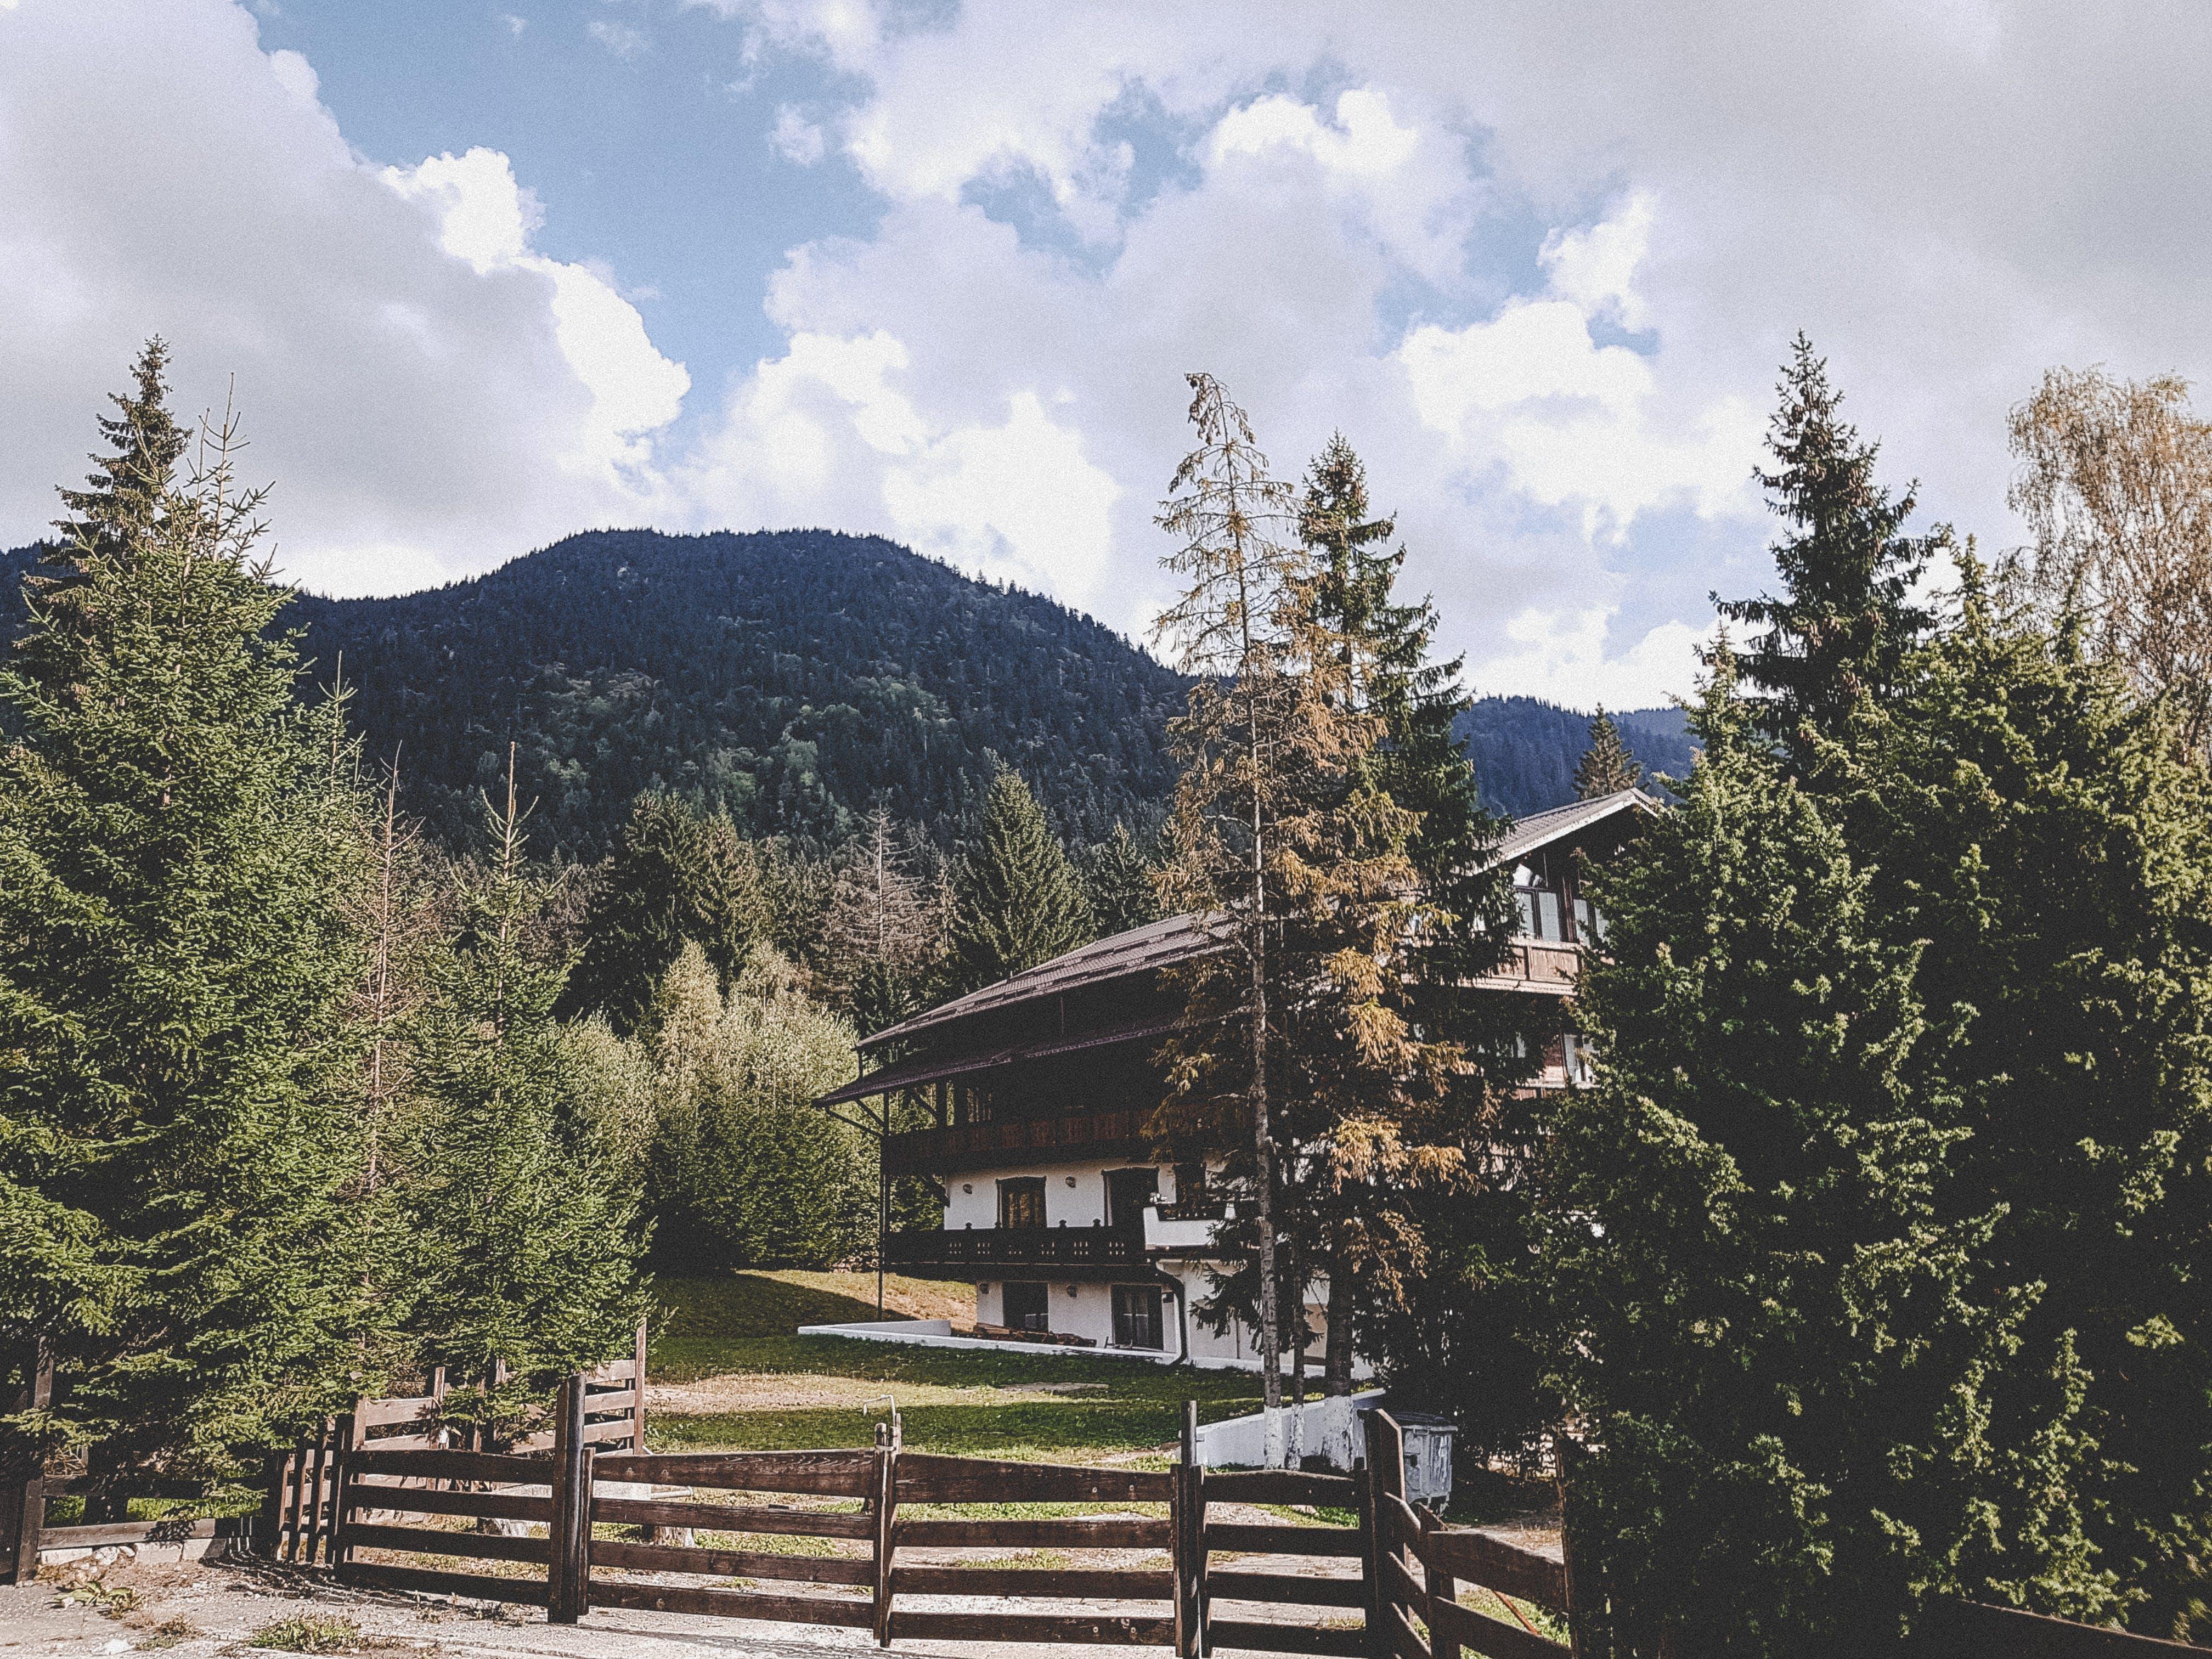 Kostnadsfri bild av bergen, dagsljus, gräs, kulle